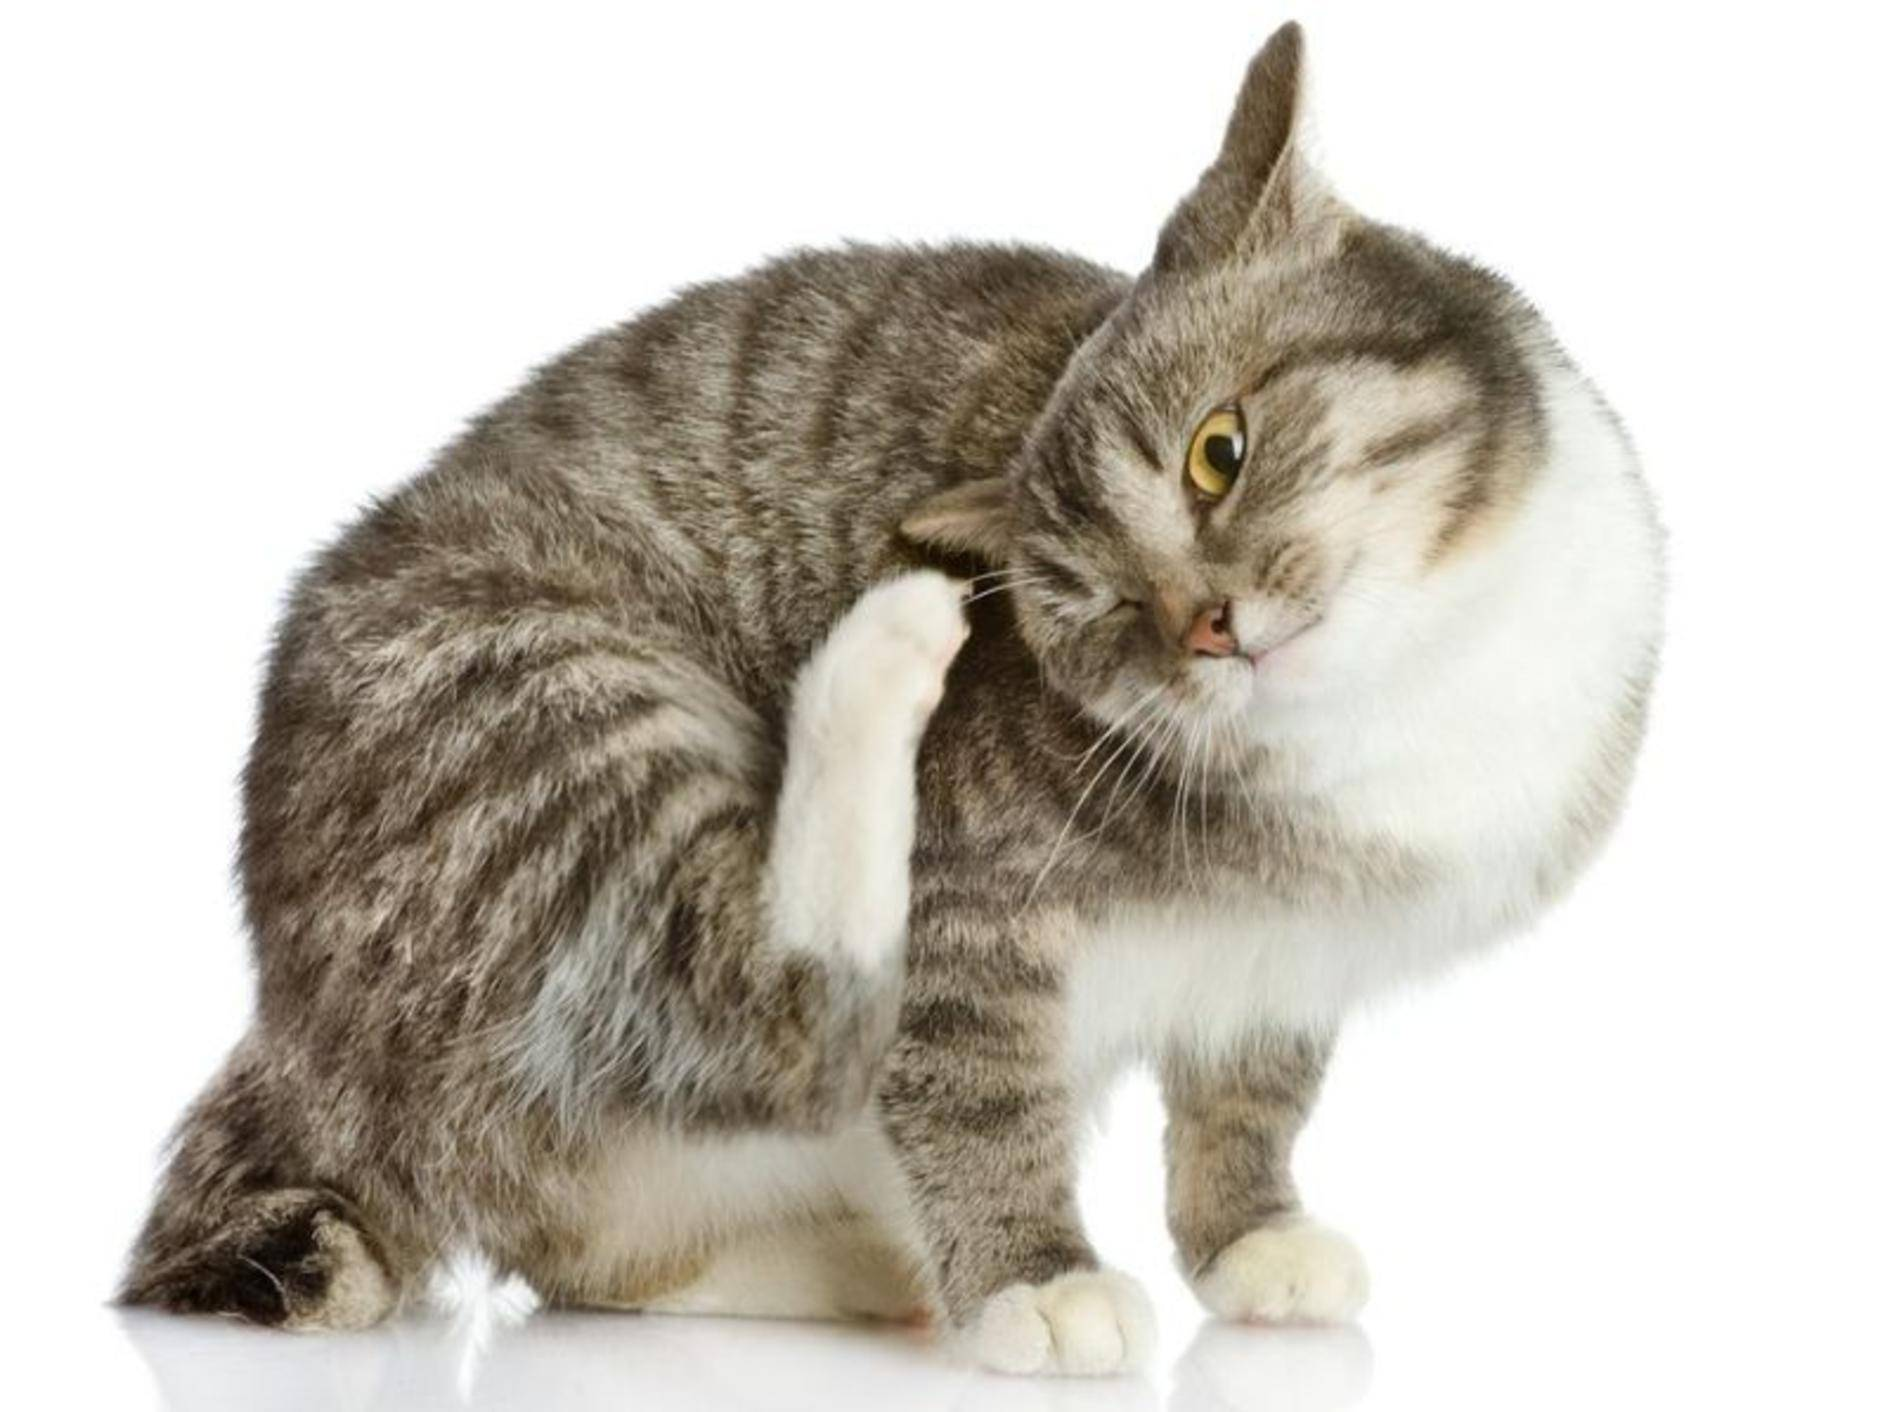 Katze kratzt sich am Ohr - Was ist die Ursache?